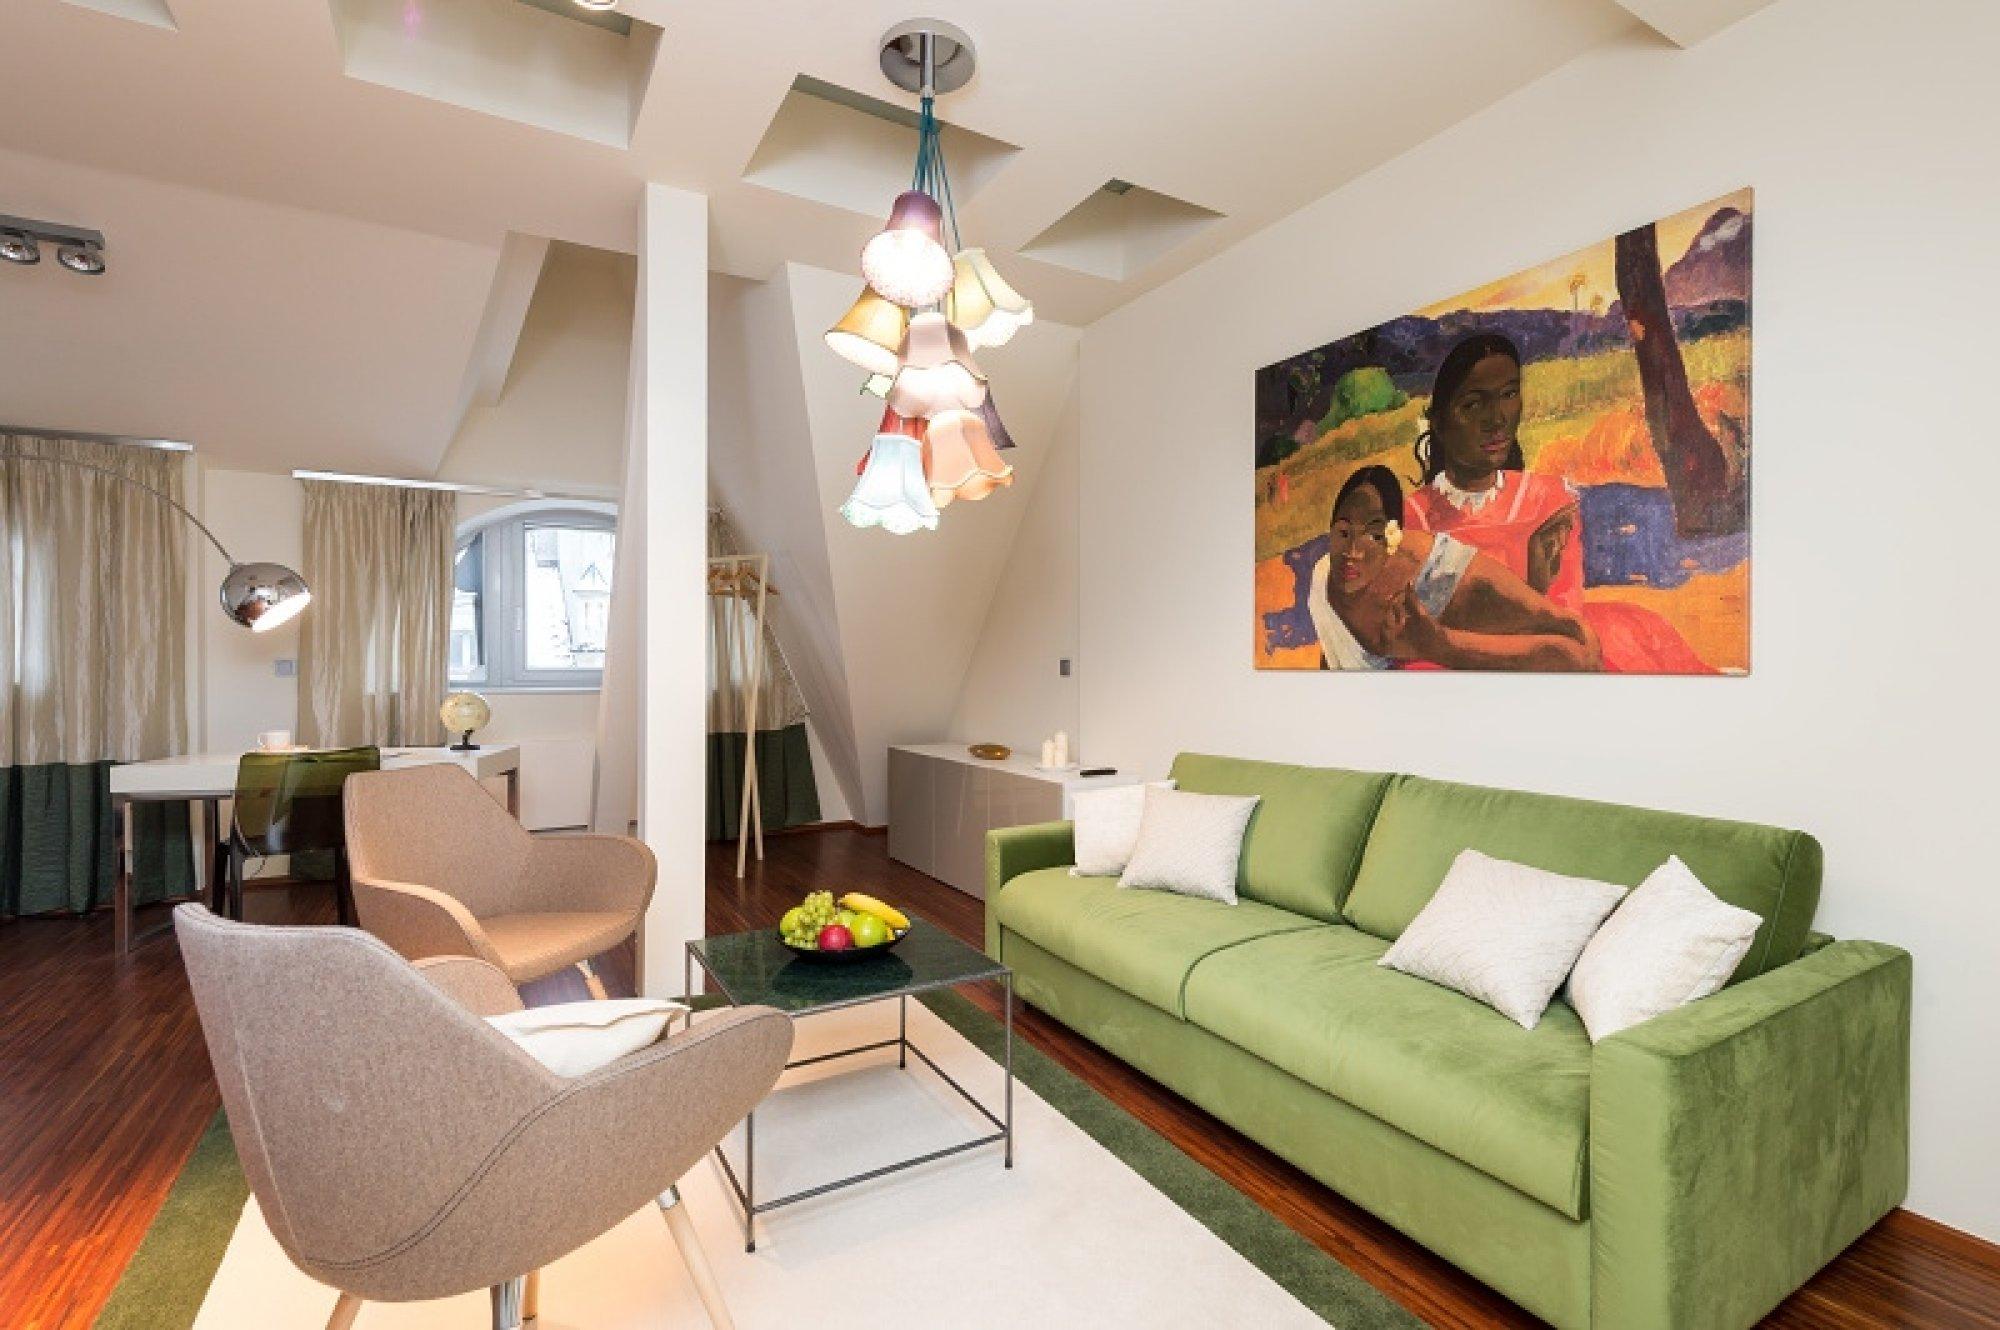 Půdní byt 3+1, plocha 122 m², ulice Vojtěšská, Praha 1 - Nové Město | 2